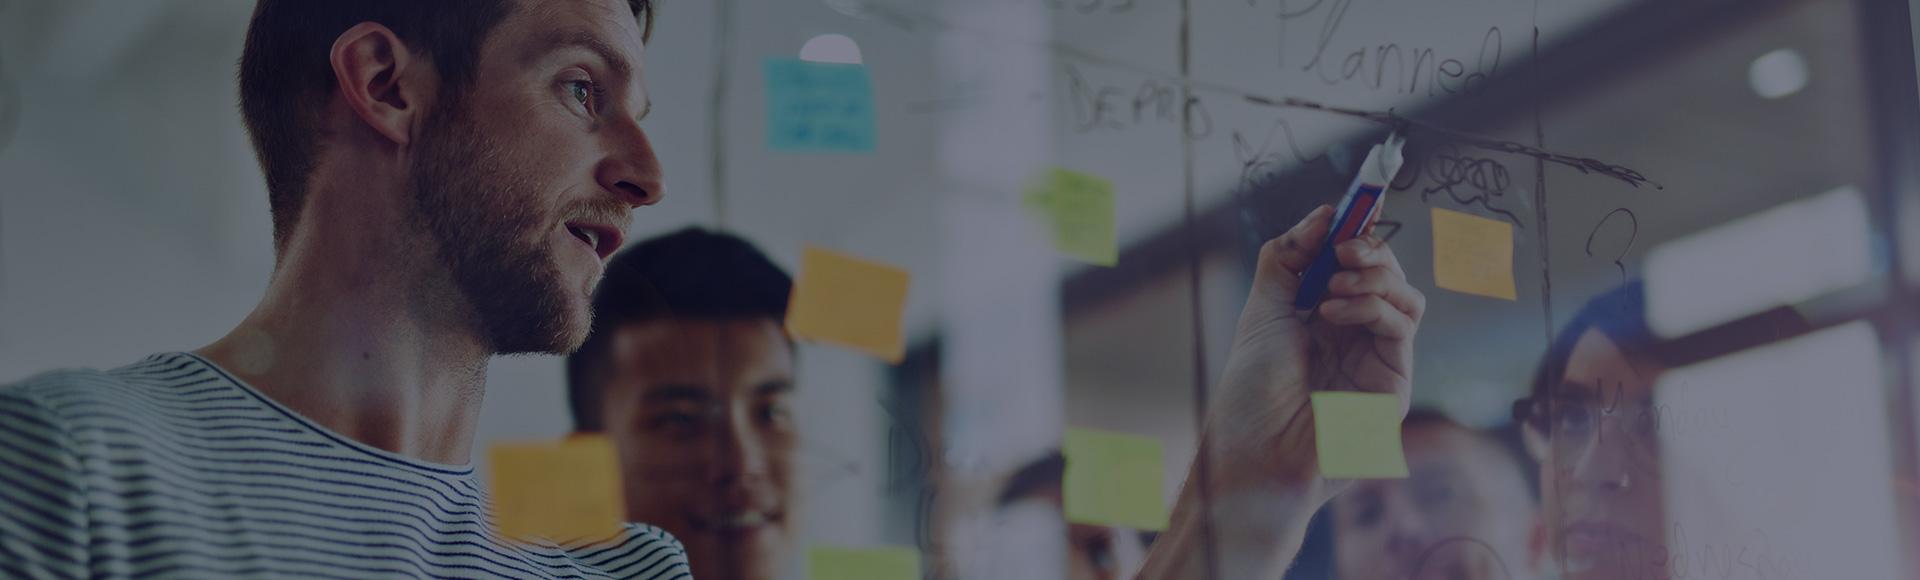 Bonitasoft simplifie la transformation numérique